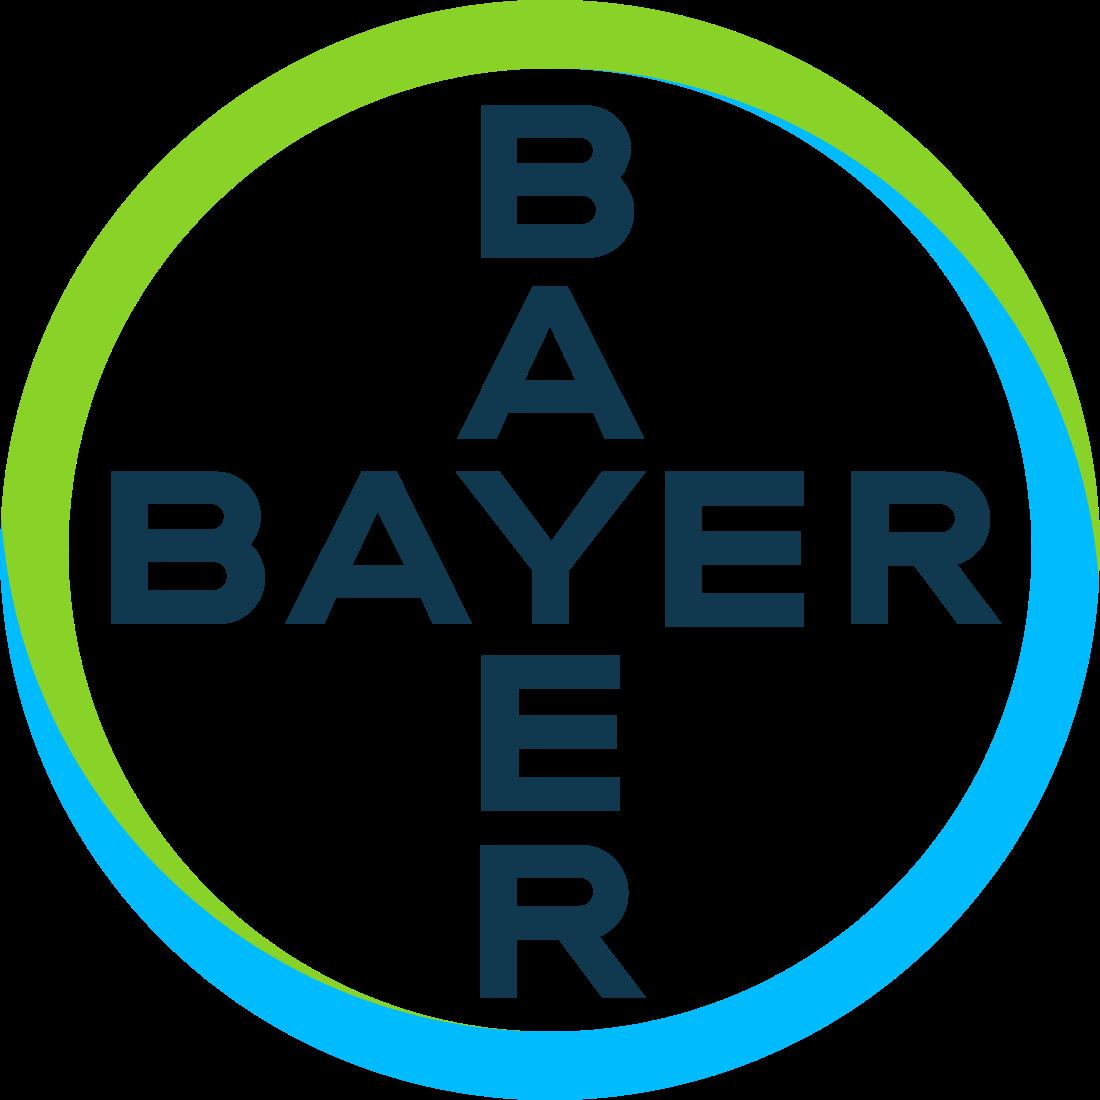 bayer logo 2 1 - Bayer Logo